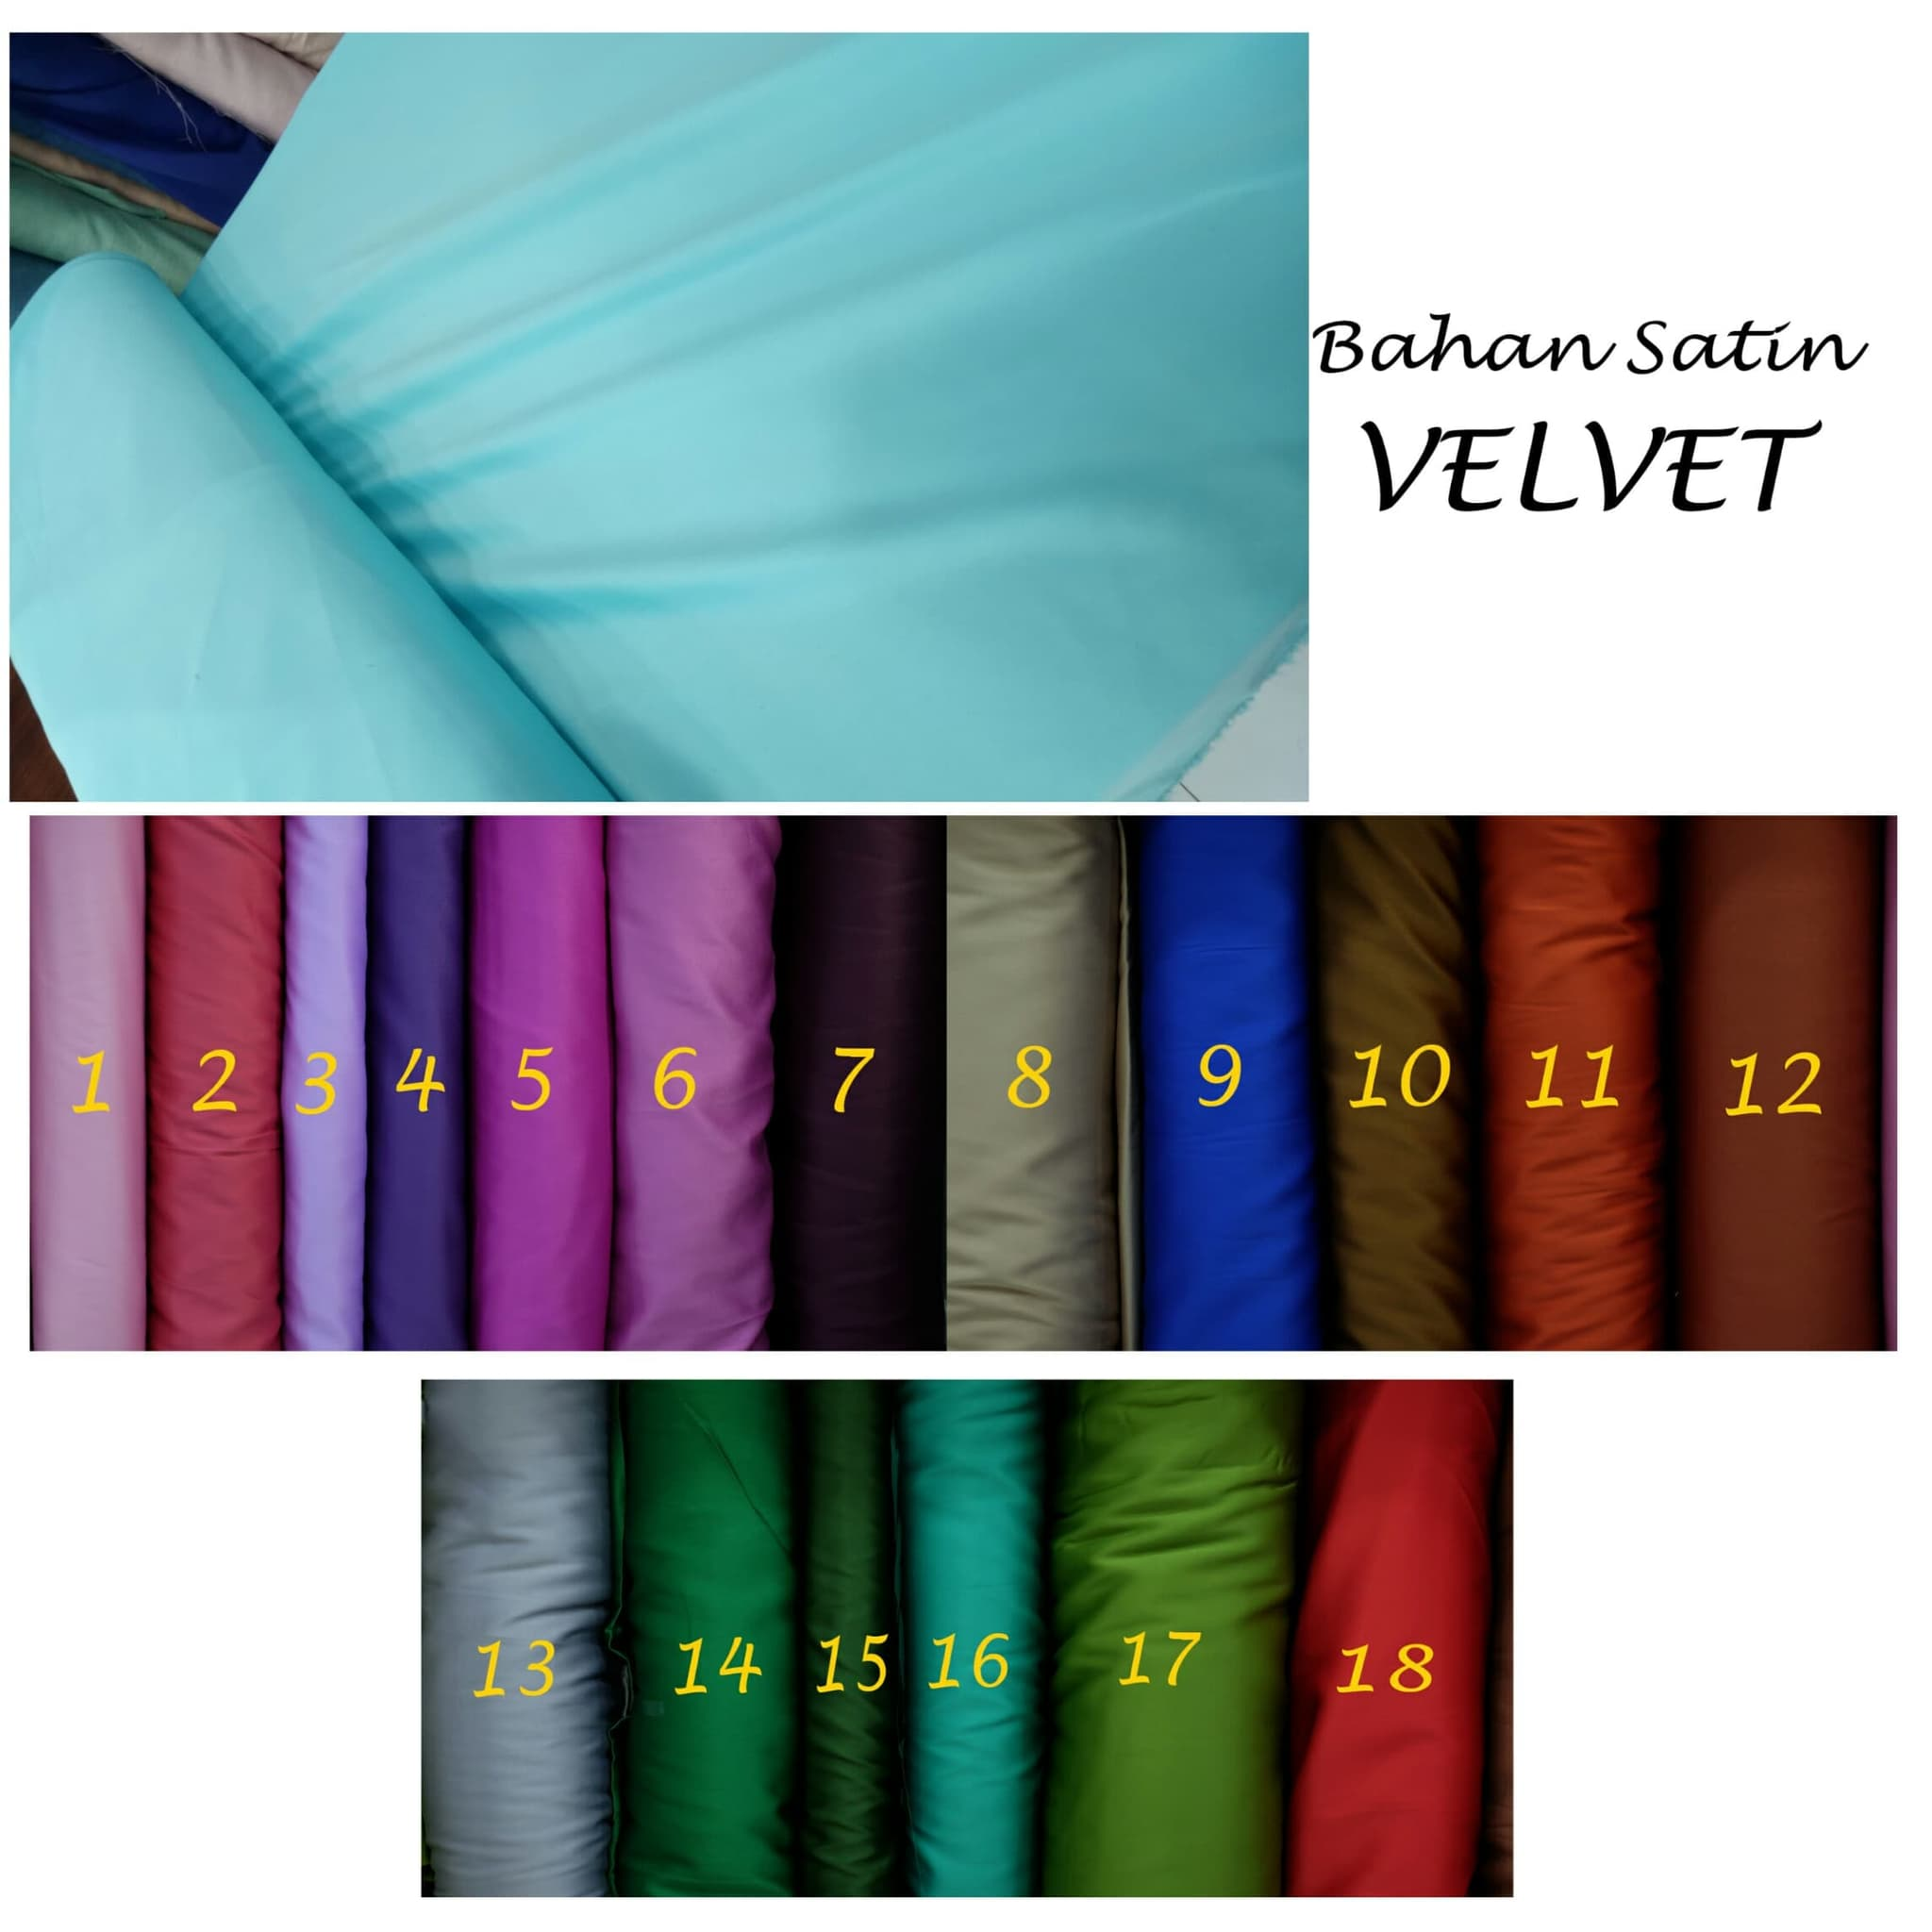 Harga Kain Velvet Per Meter Katalog.or.id